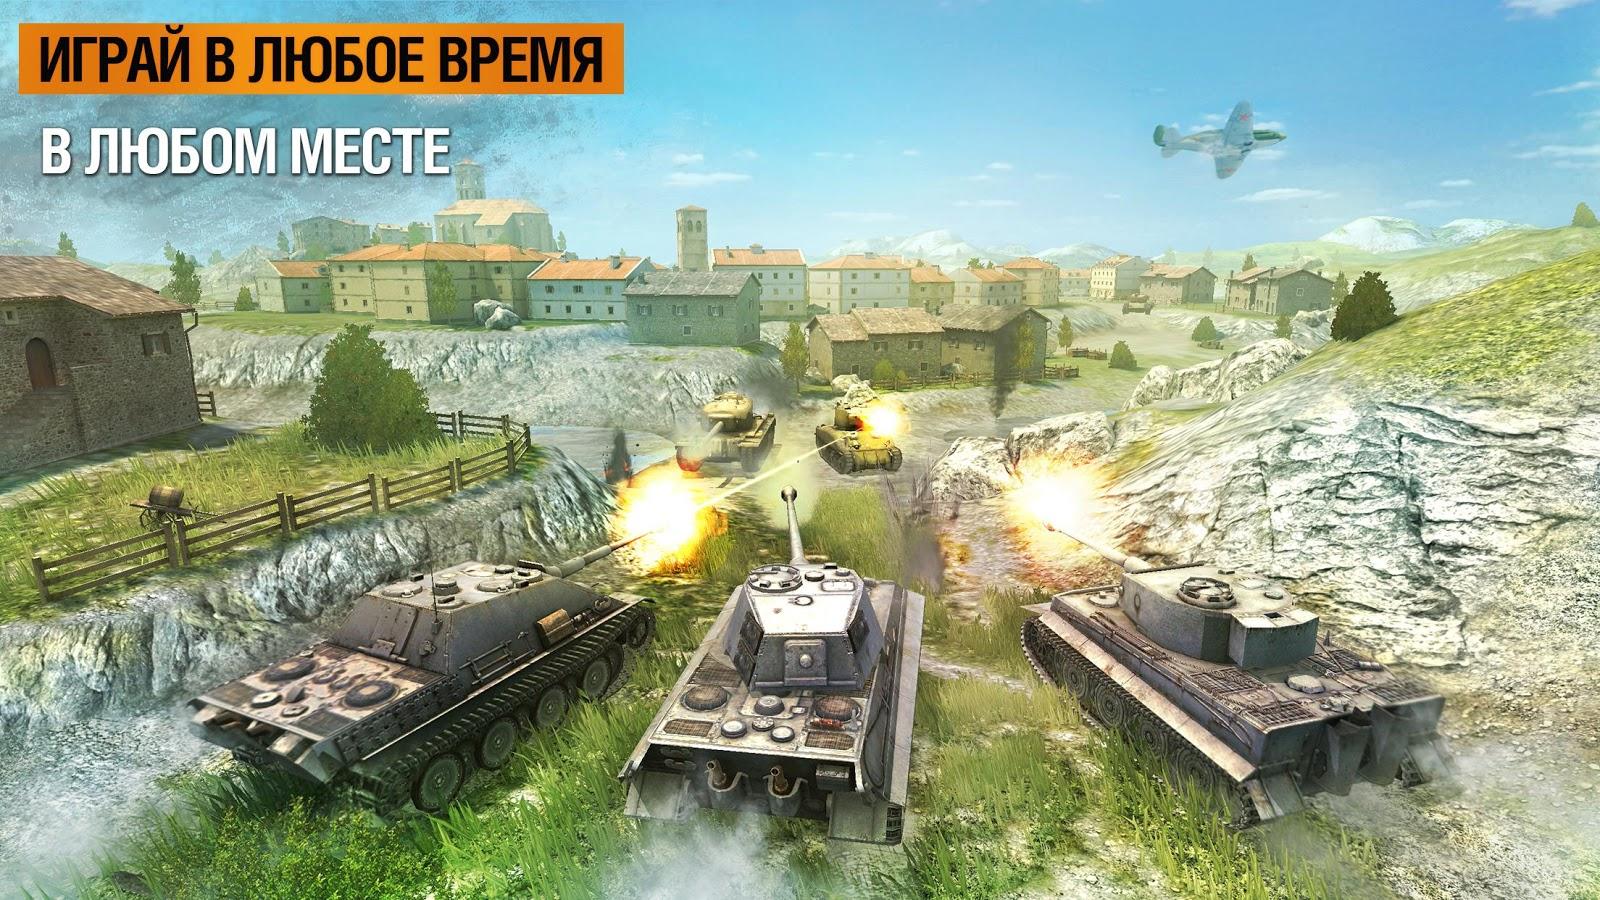 Скачать игру world of tanks бесплатно [wot] новая версия через.